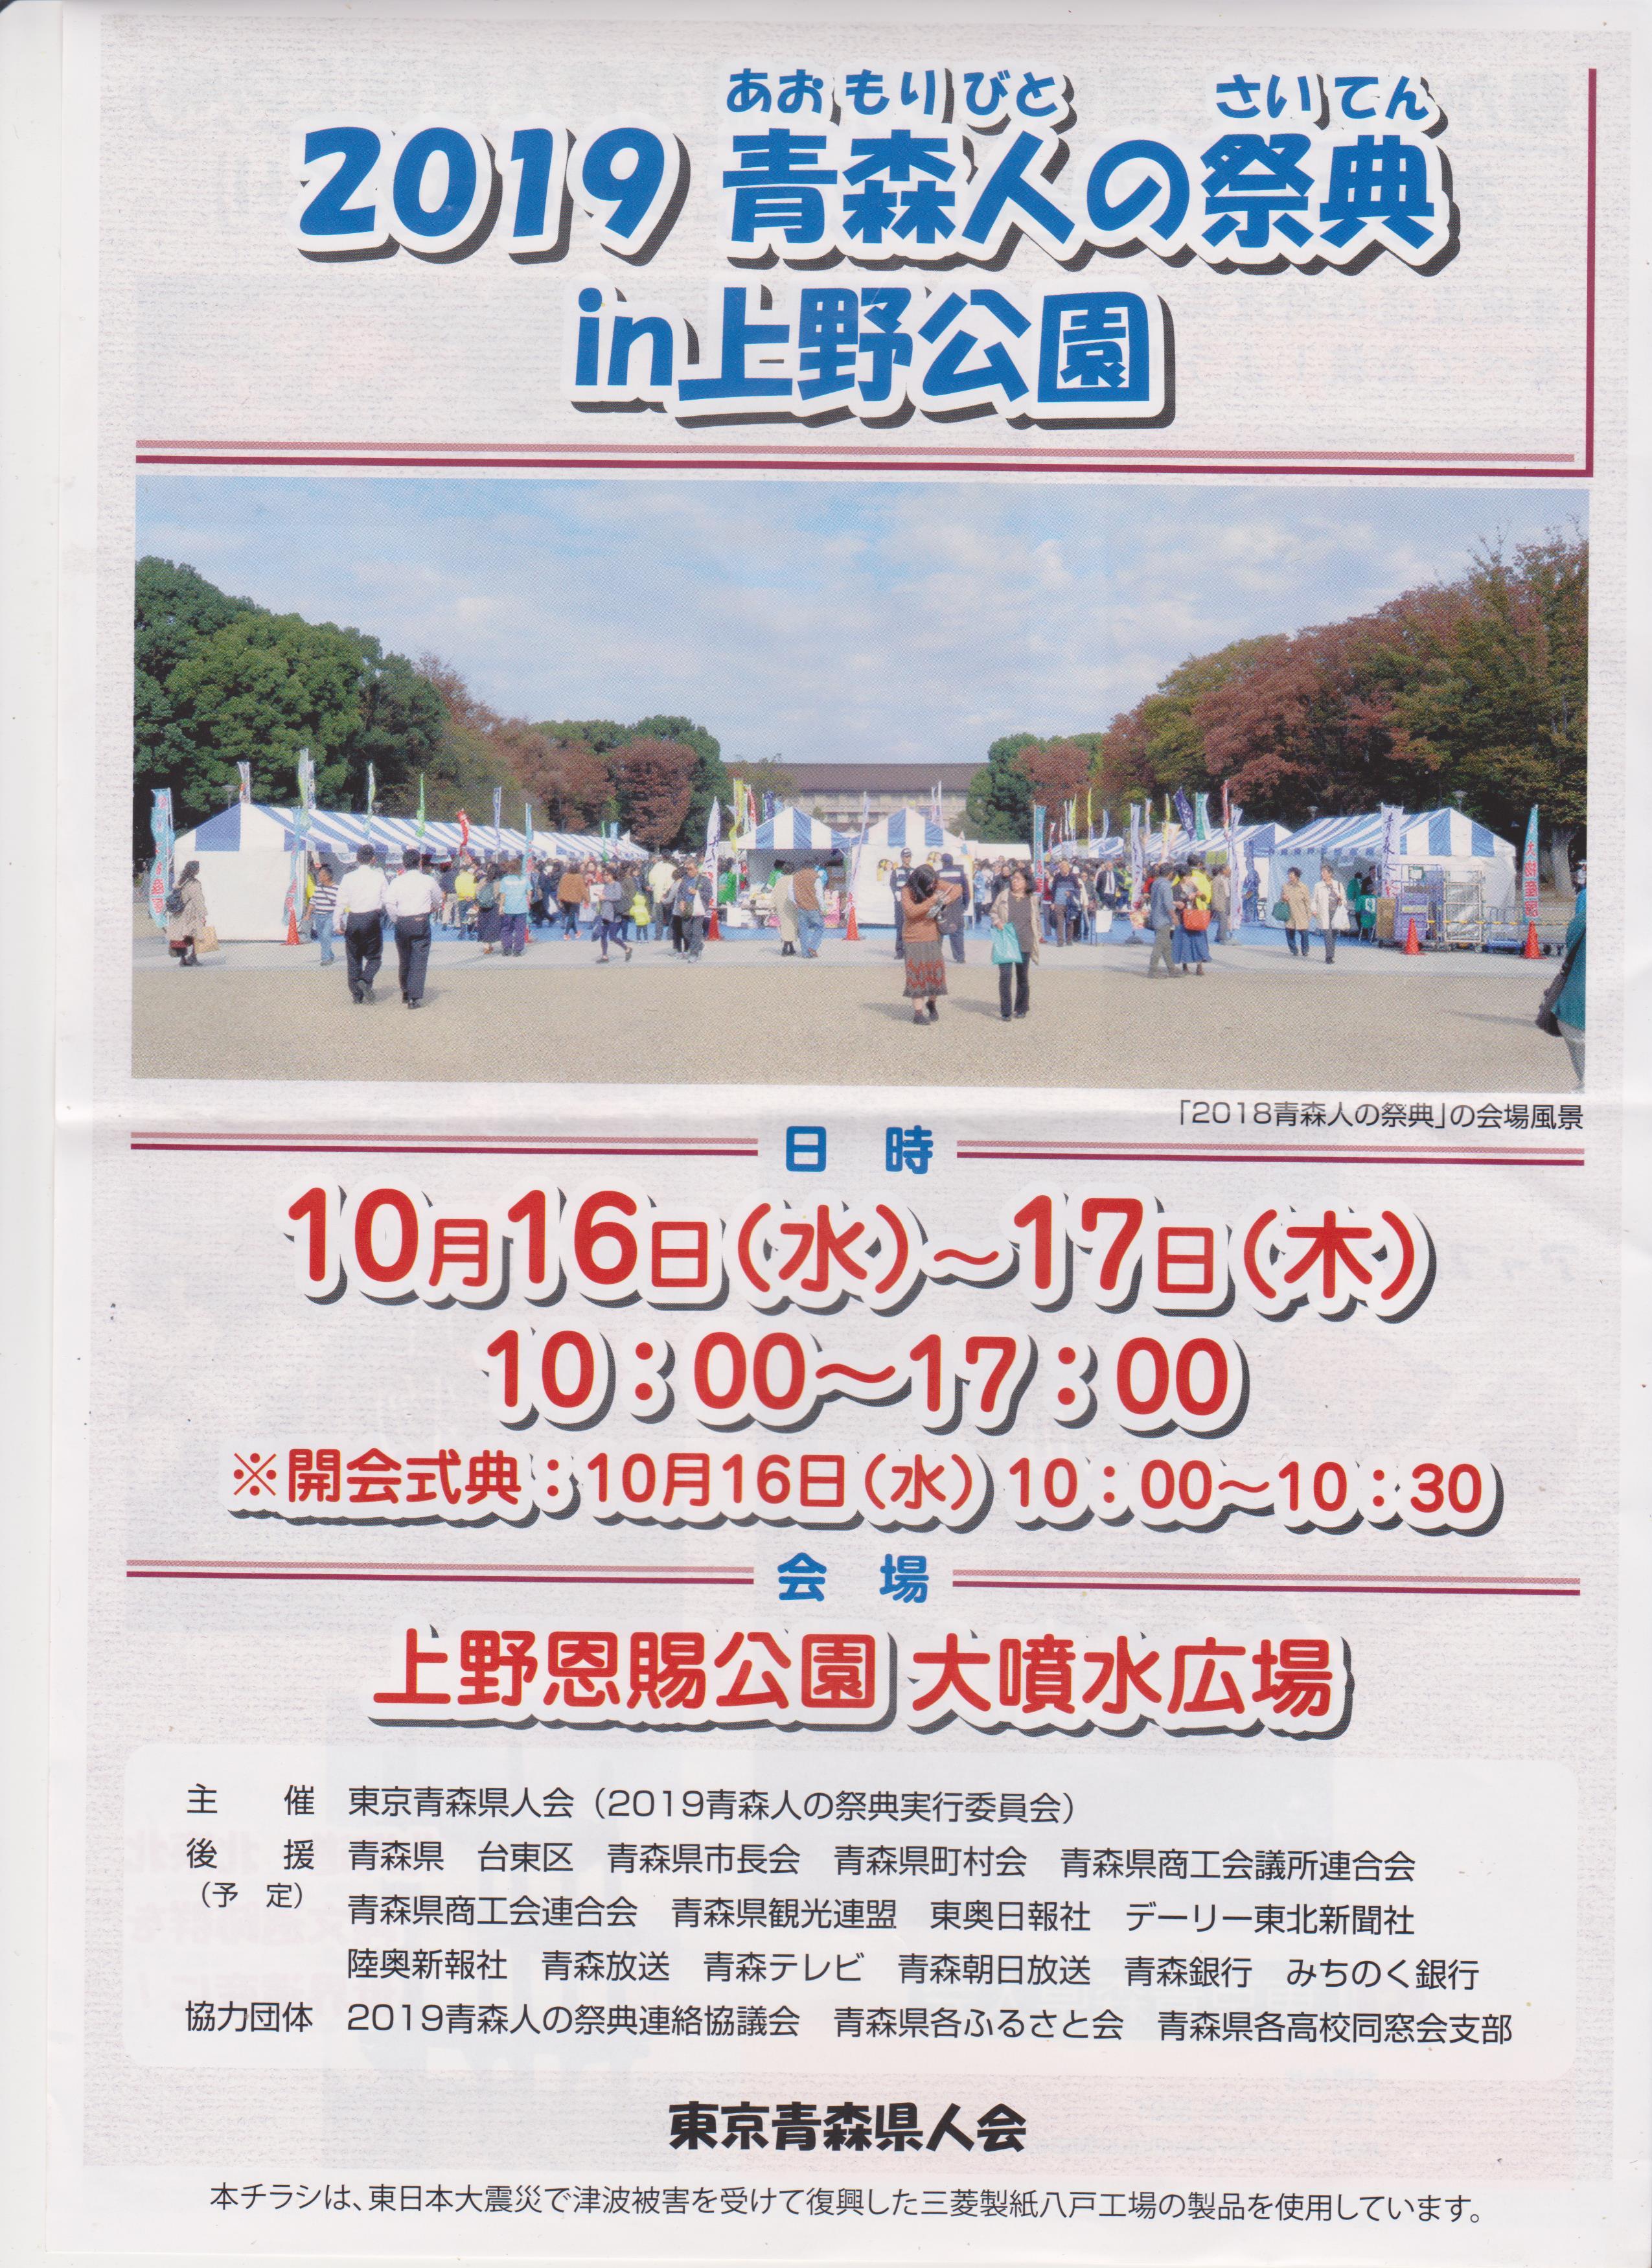 001 - 2019青森人の祭典in上野公園 10月16日(水)、17日(木)開催